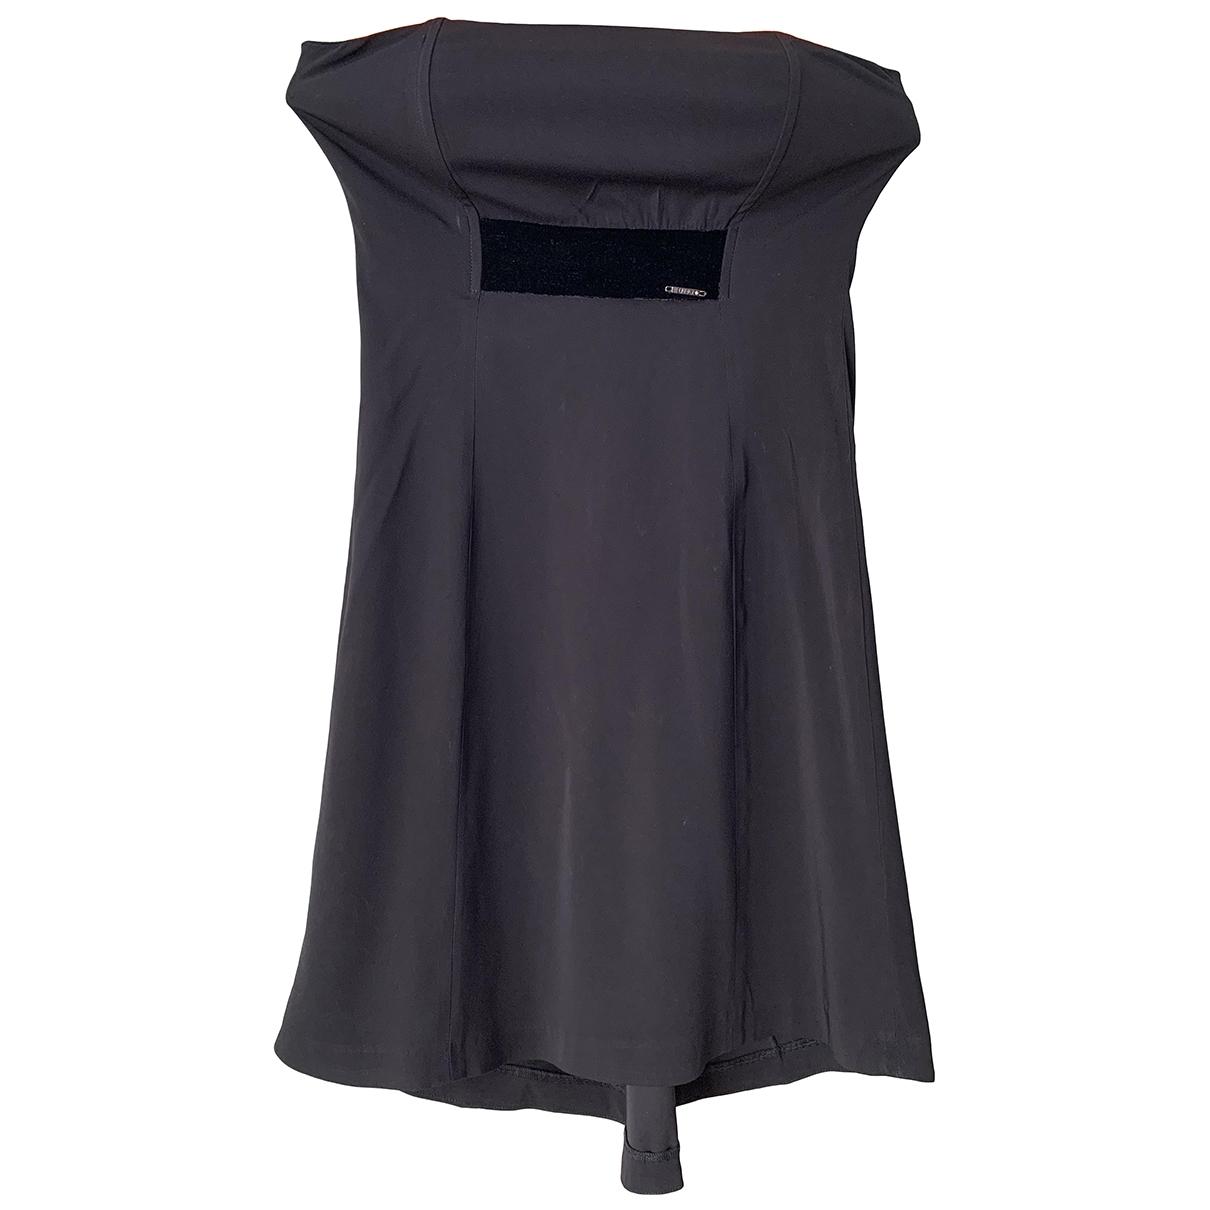 Liu.jo \N Black dress for Women 44 IT